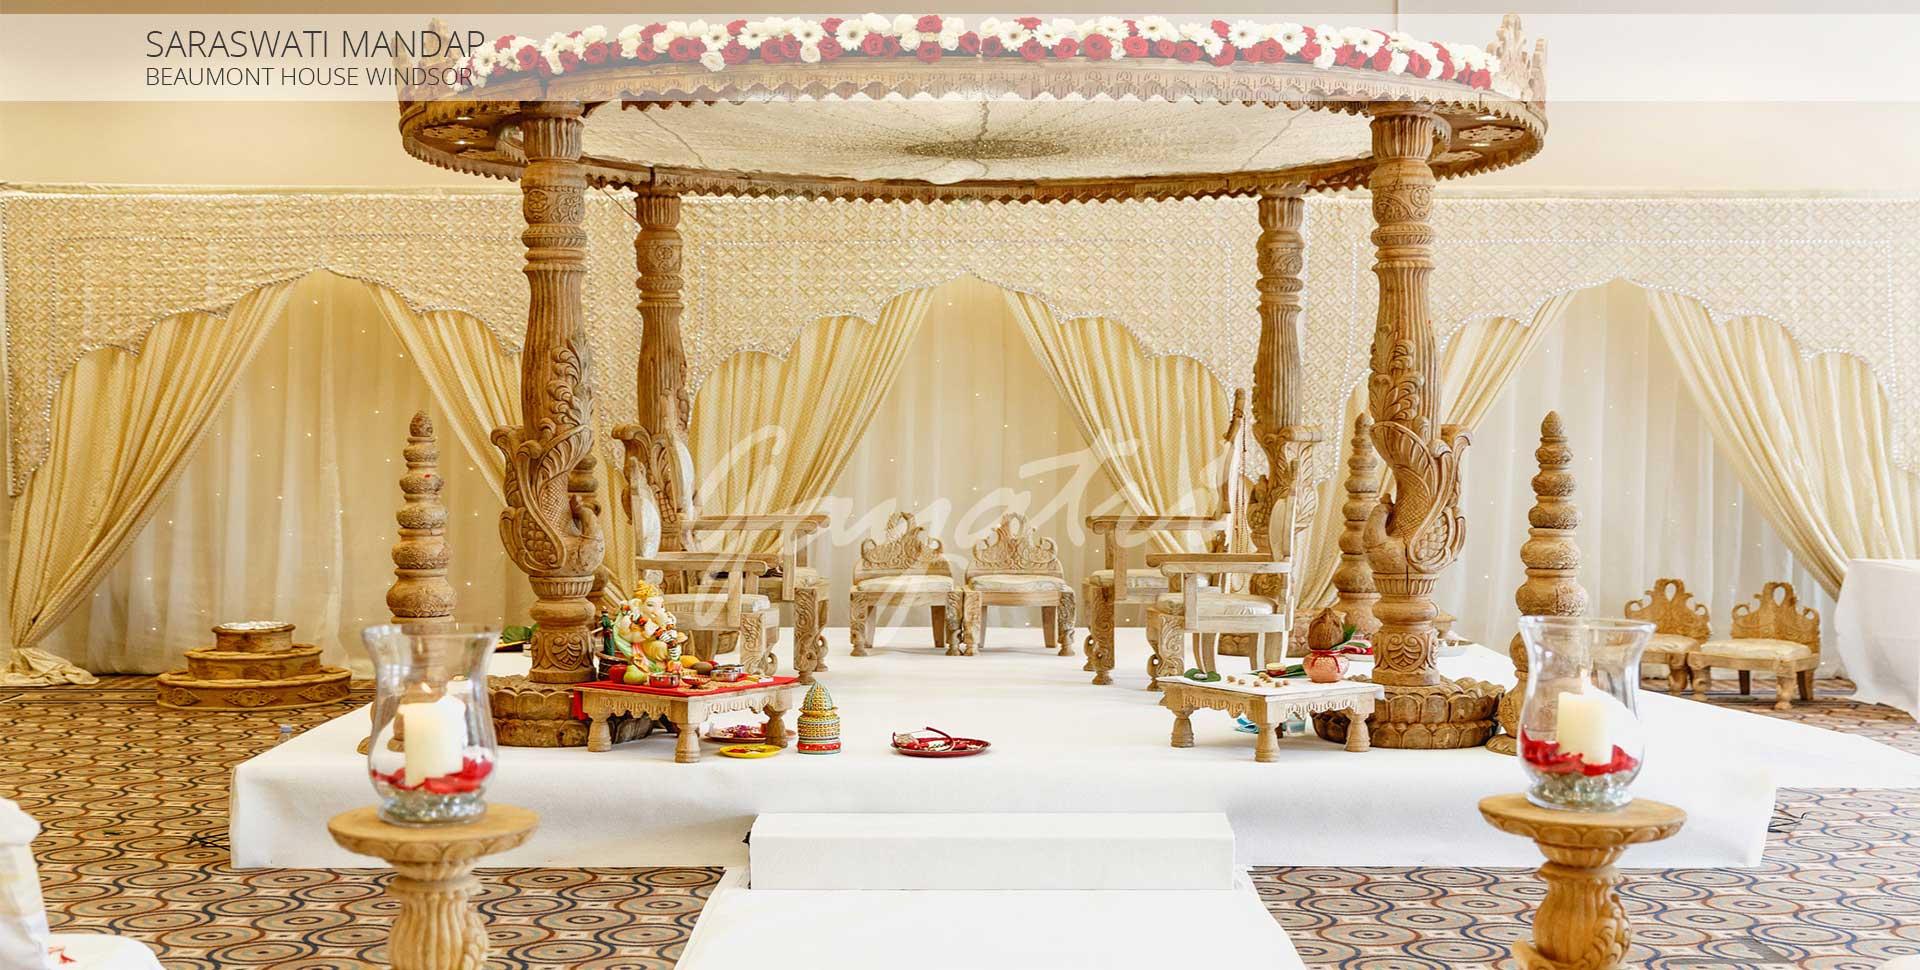 Saraswati indian wedding mandap decorations